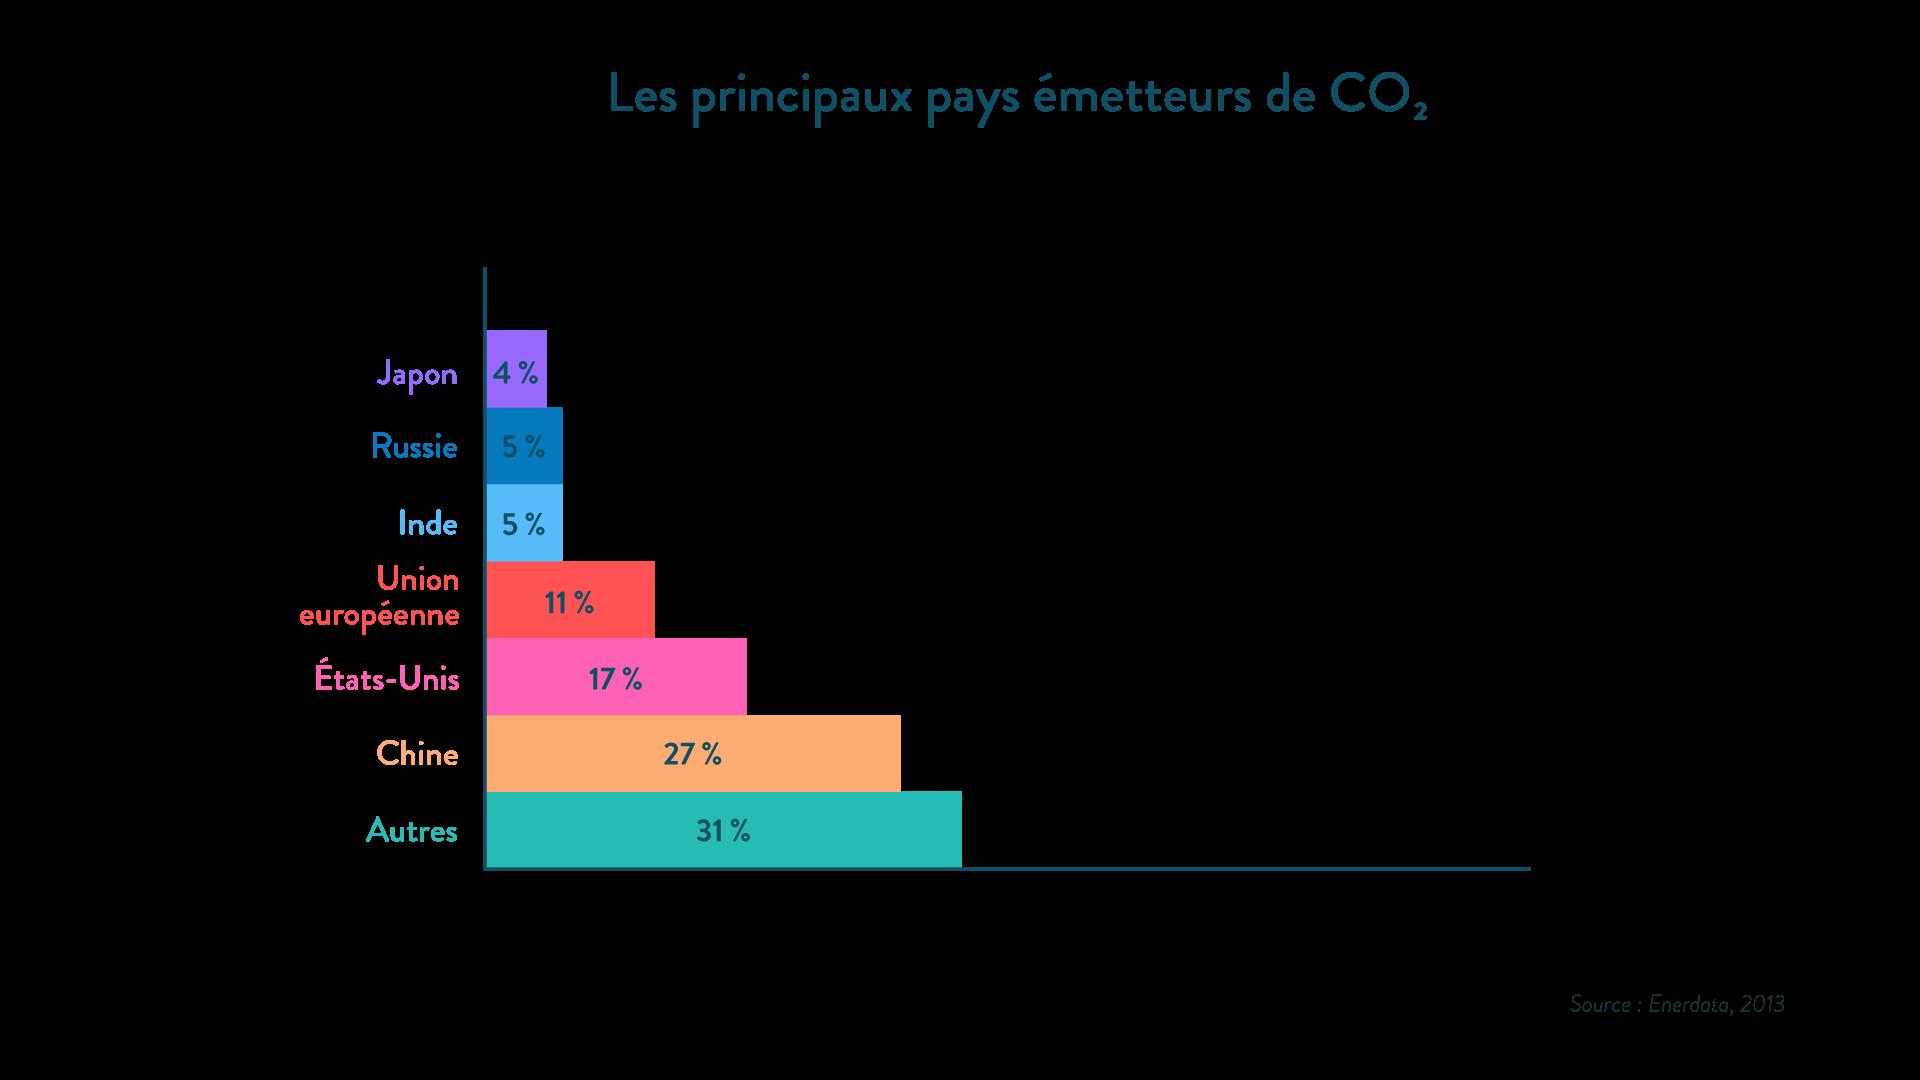 Les principaux pays émetteurs de CO2 géographie cinquième